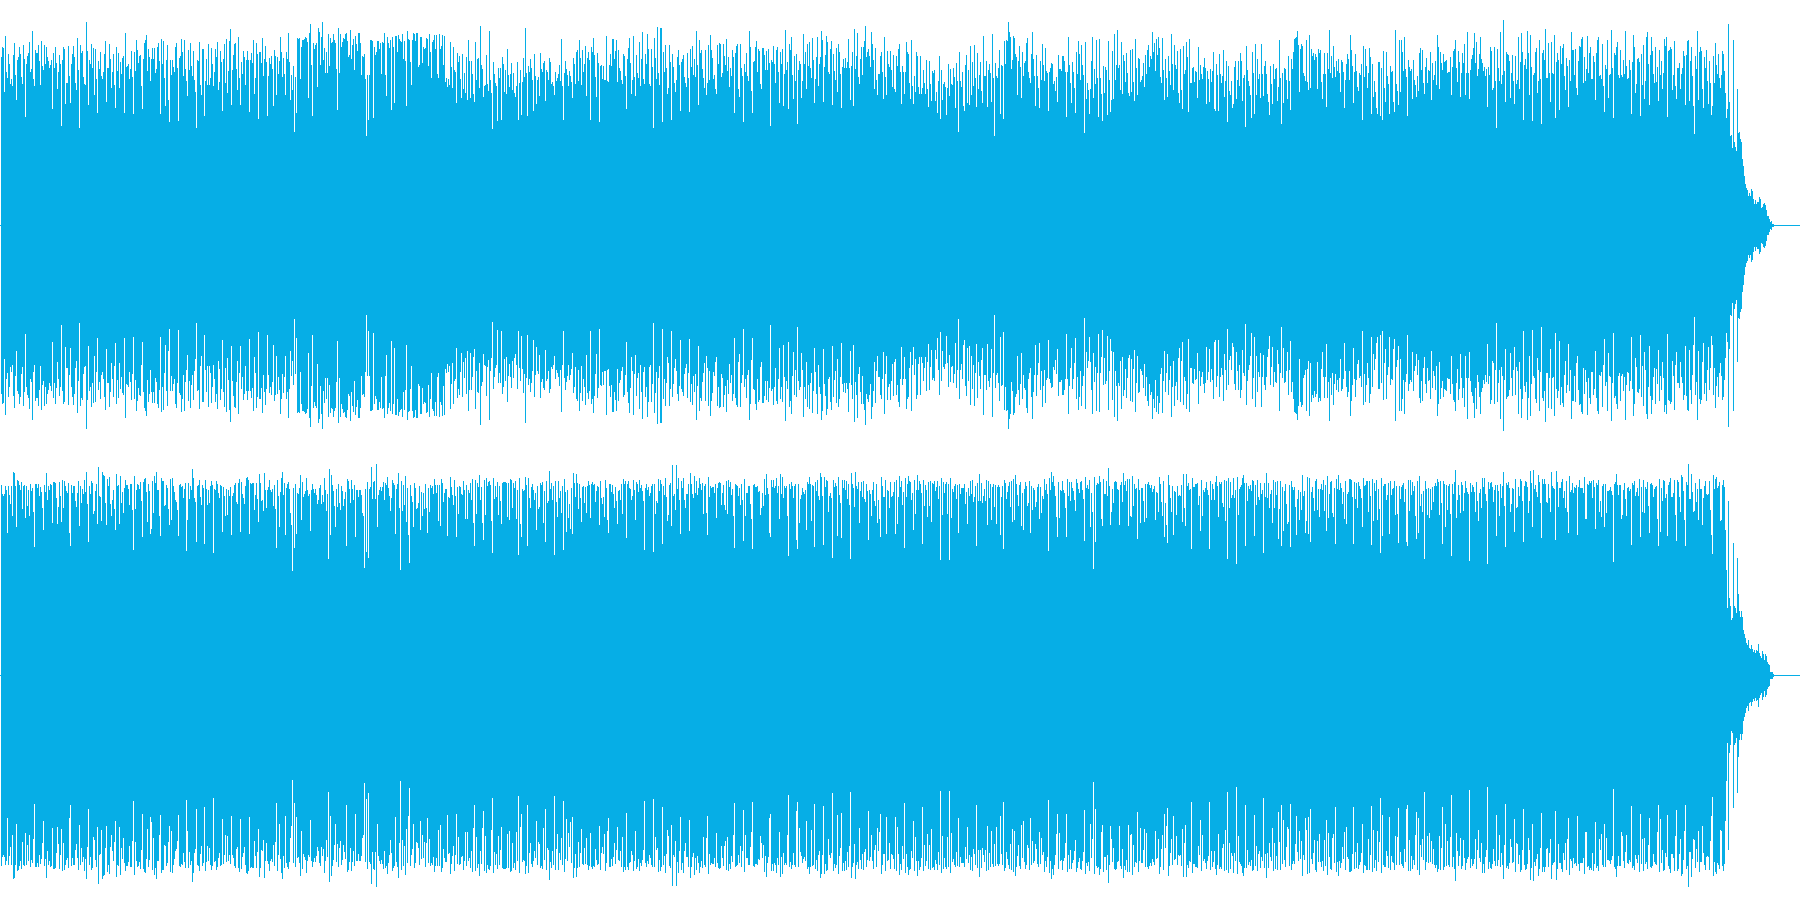 スピード感あるシンセサイザーの曲の再生済みの波形